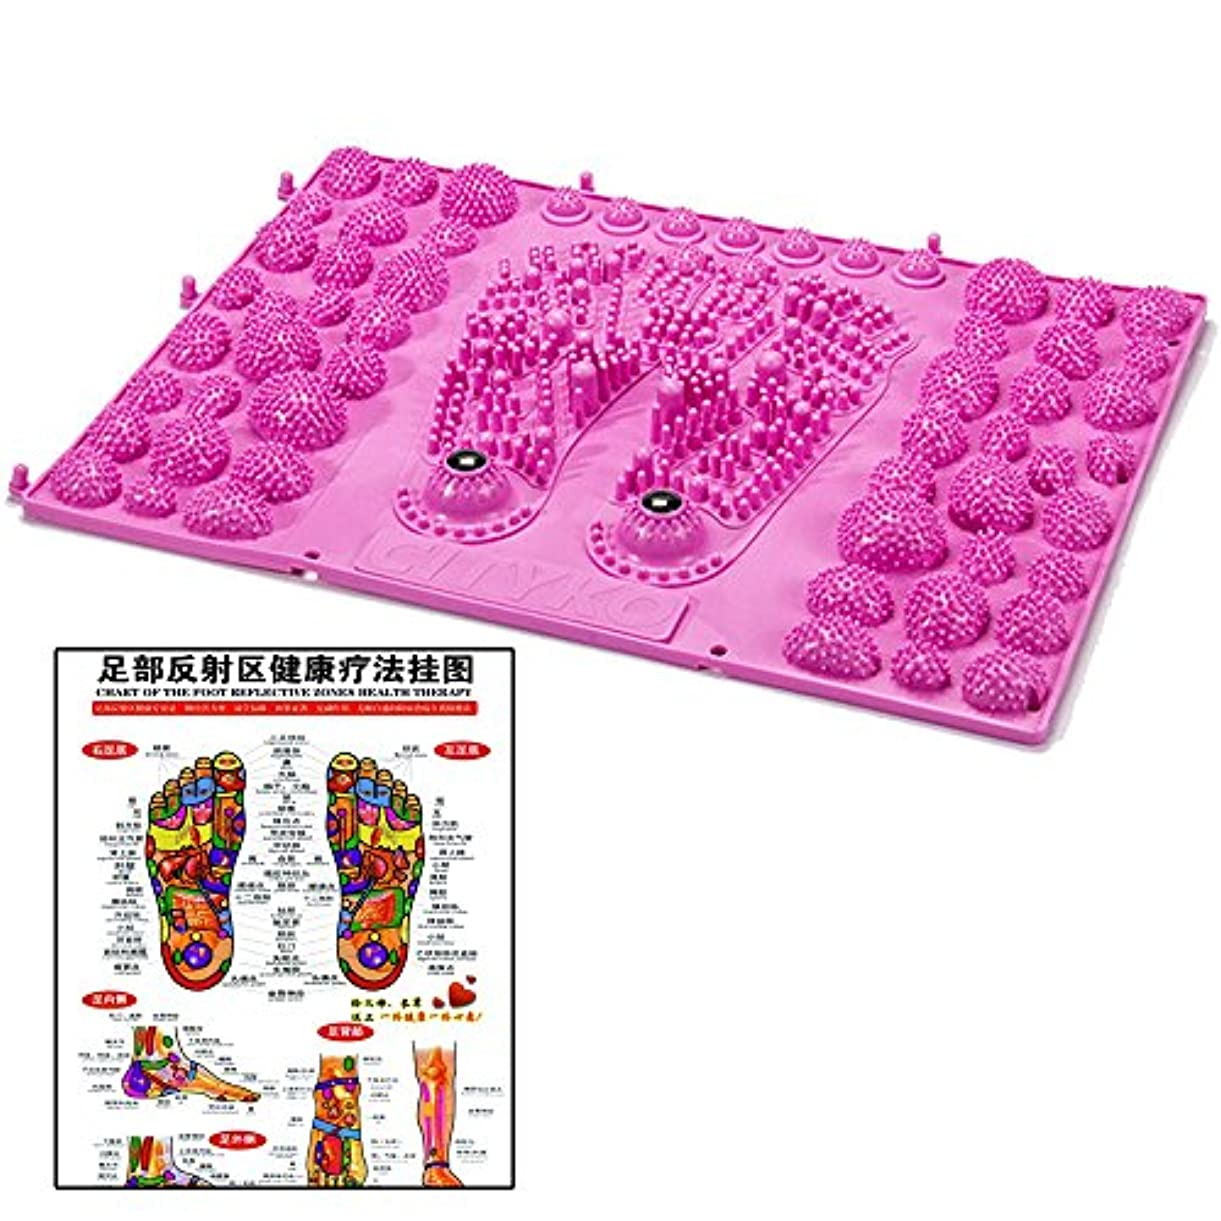 グレー町博物館(POMAIKAI) 足型 足ツボ 健康 マット ダイエット 足裏マッサージ 反射区 マップ セット (ピンク)